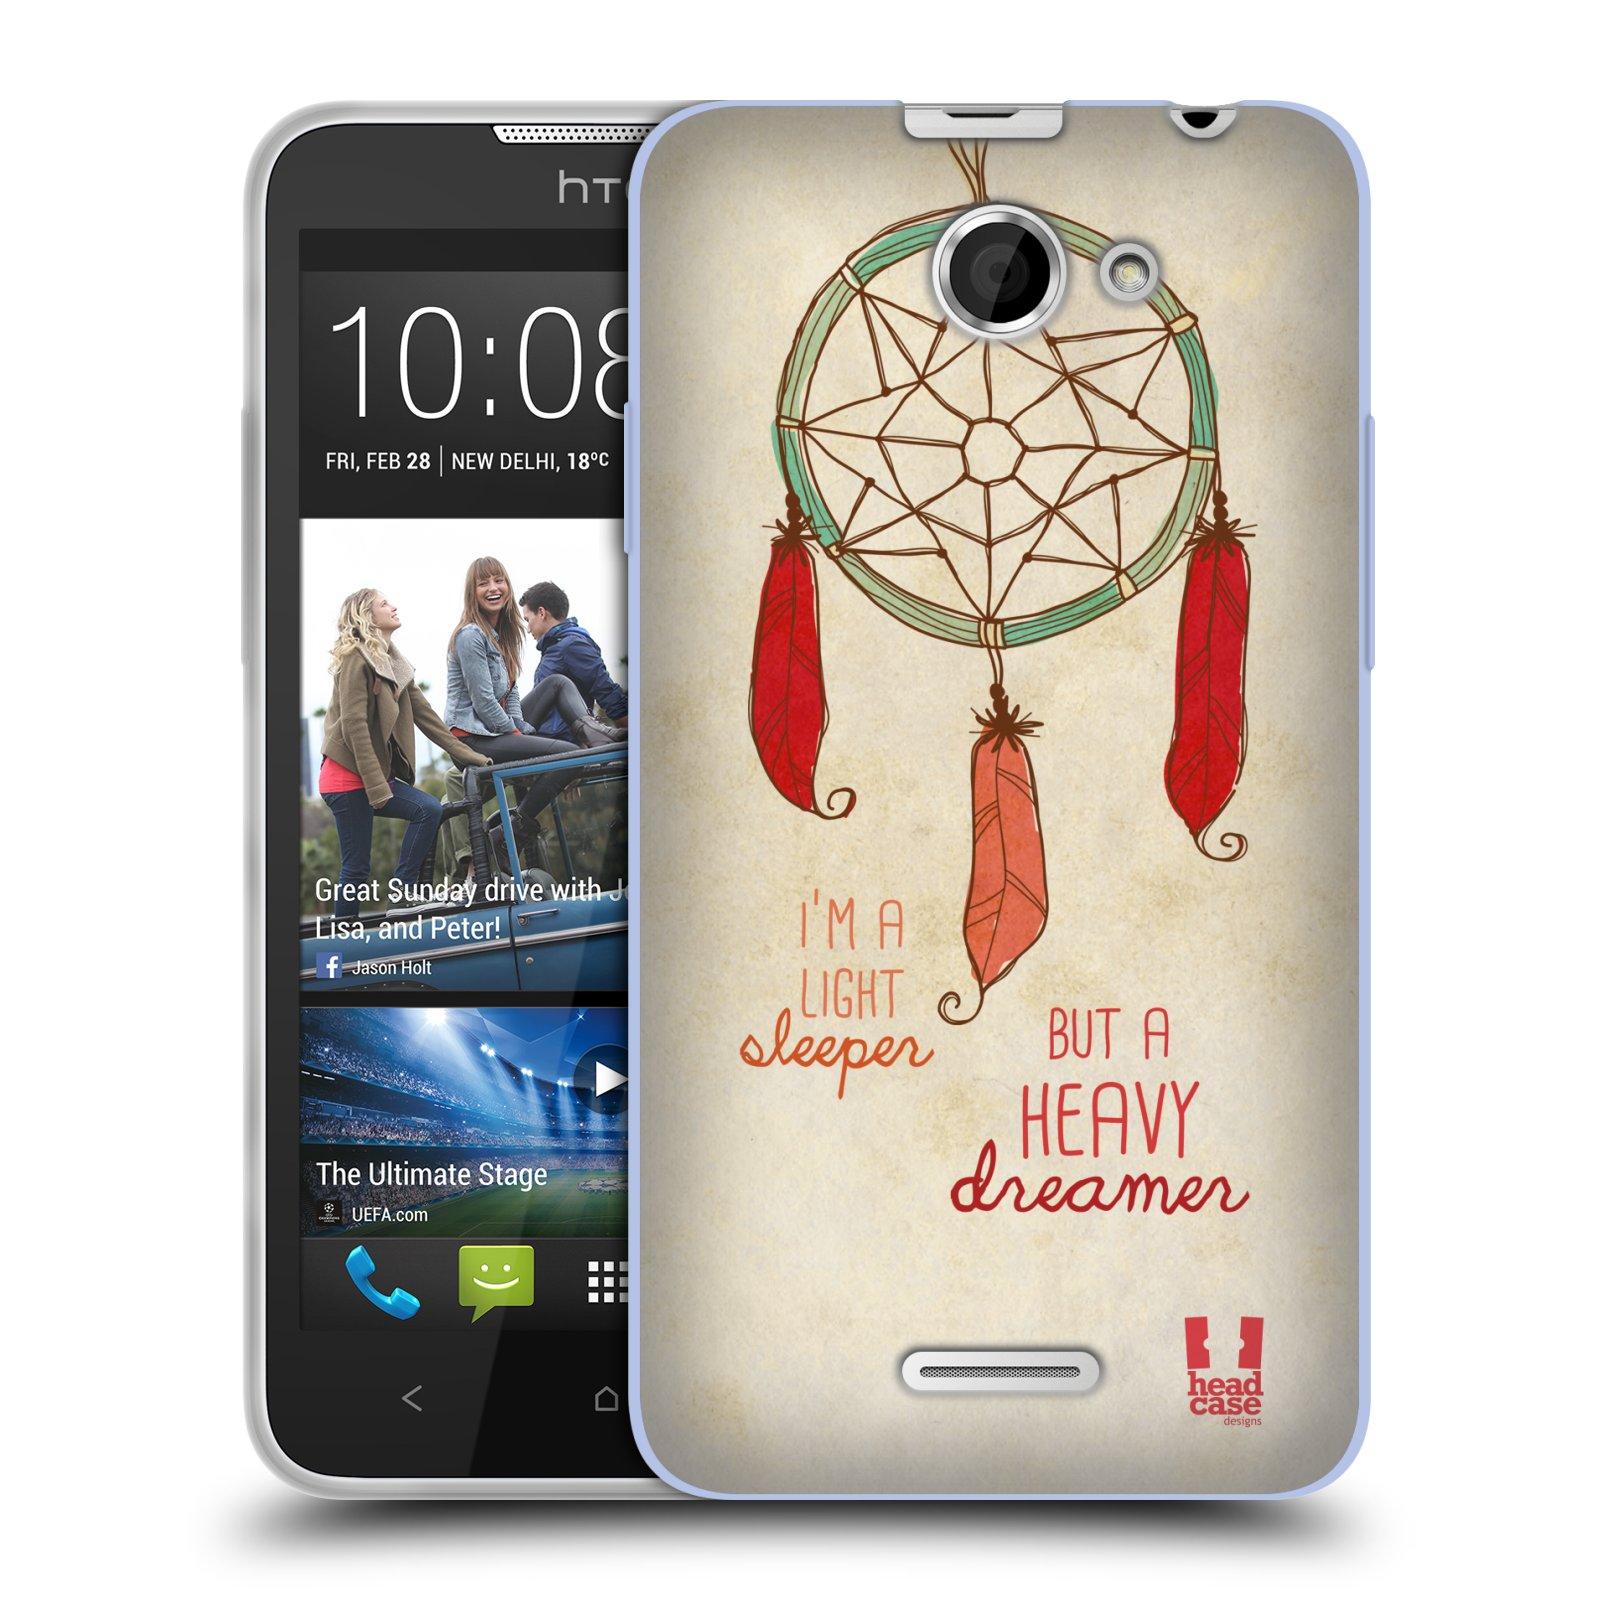 Silikonové pouzdro na mobil HTC Desire 516 HEAD CASE LAPAČ HEAVY DREAMER (Silikonový kryt či obal na mobilní telefon HTC Desire 516 Dual SIM)